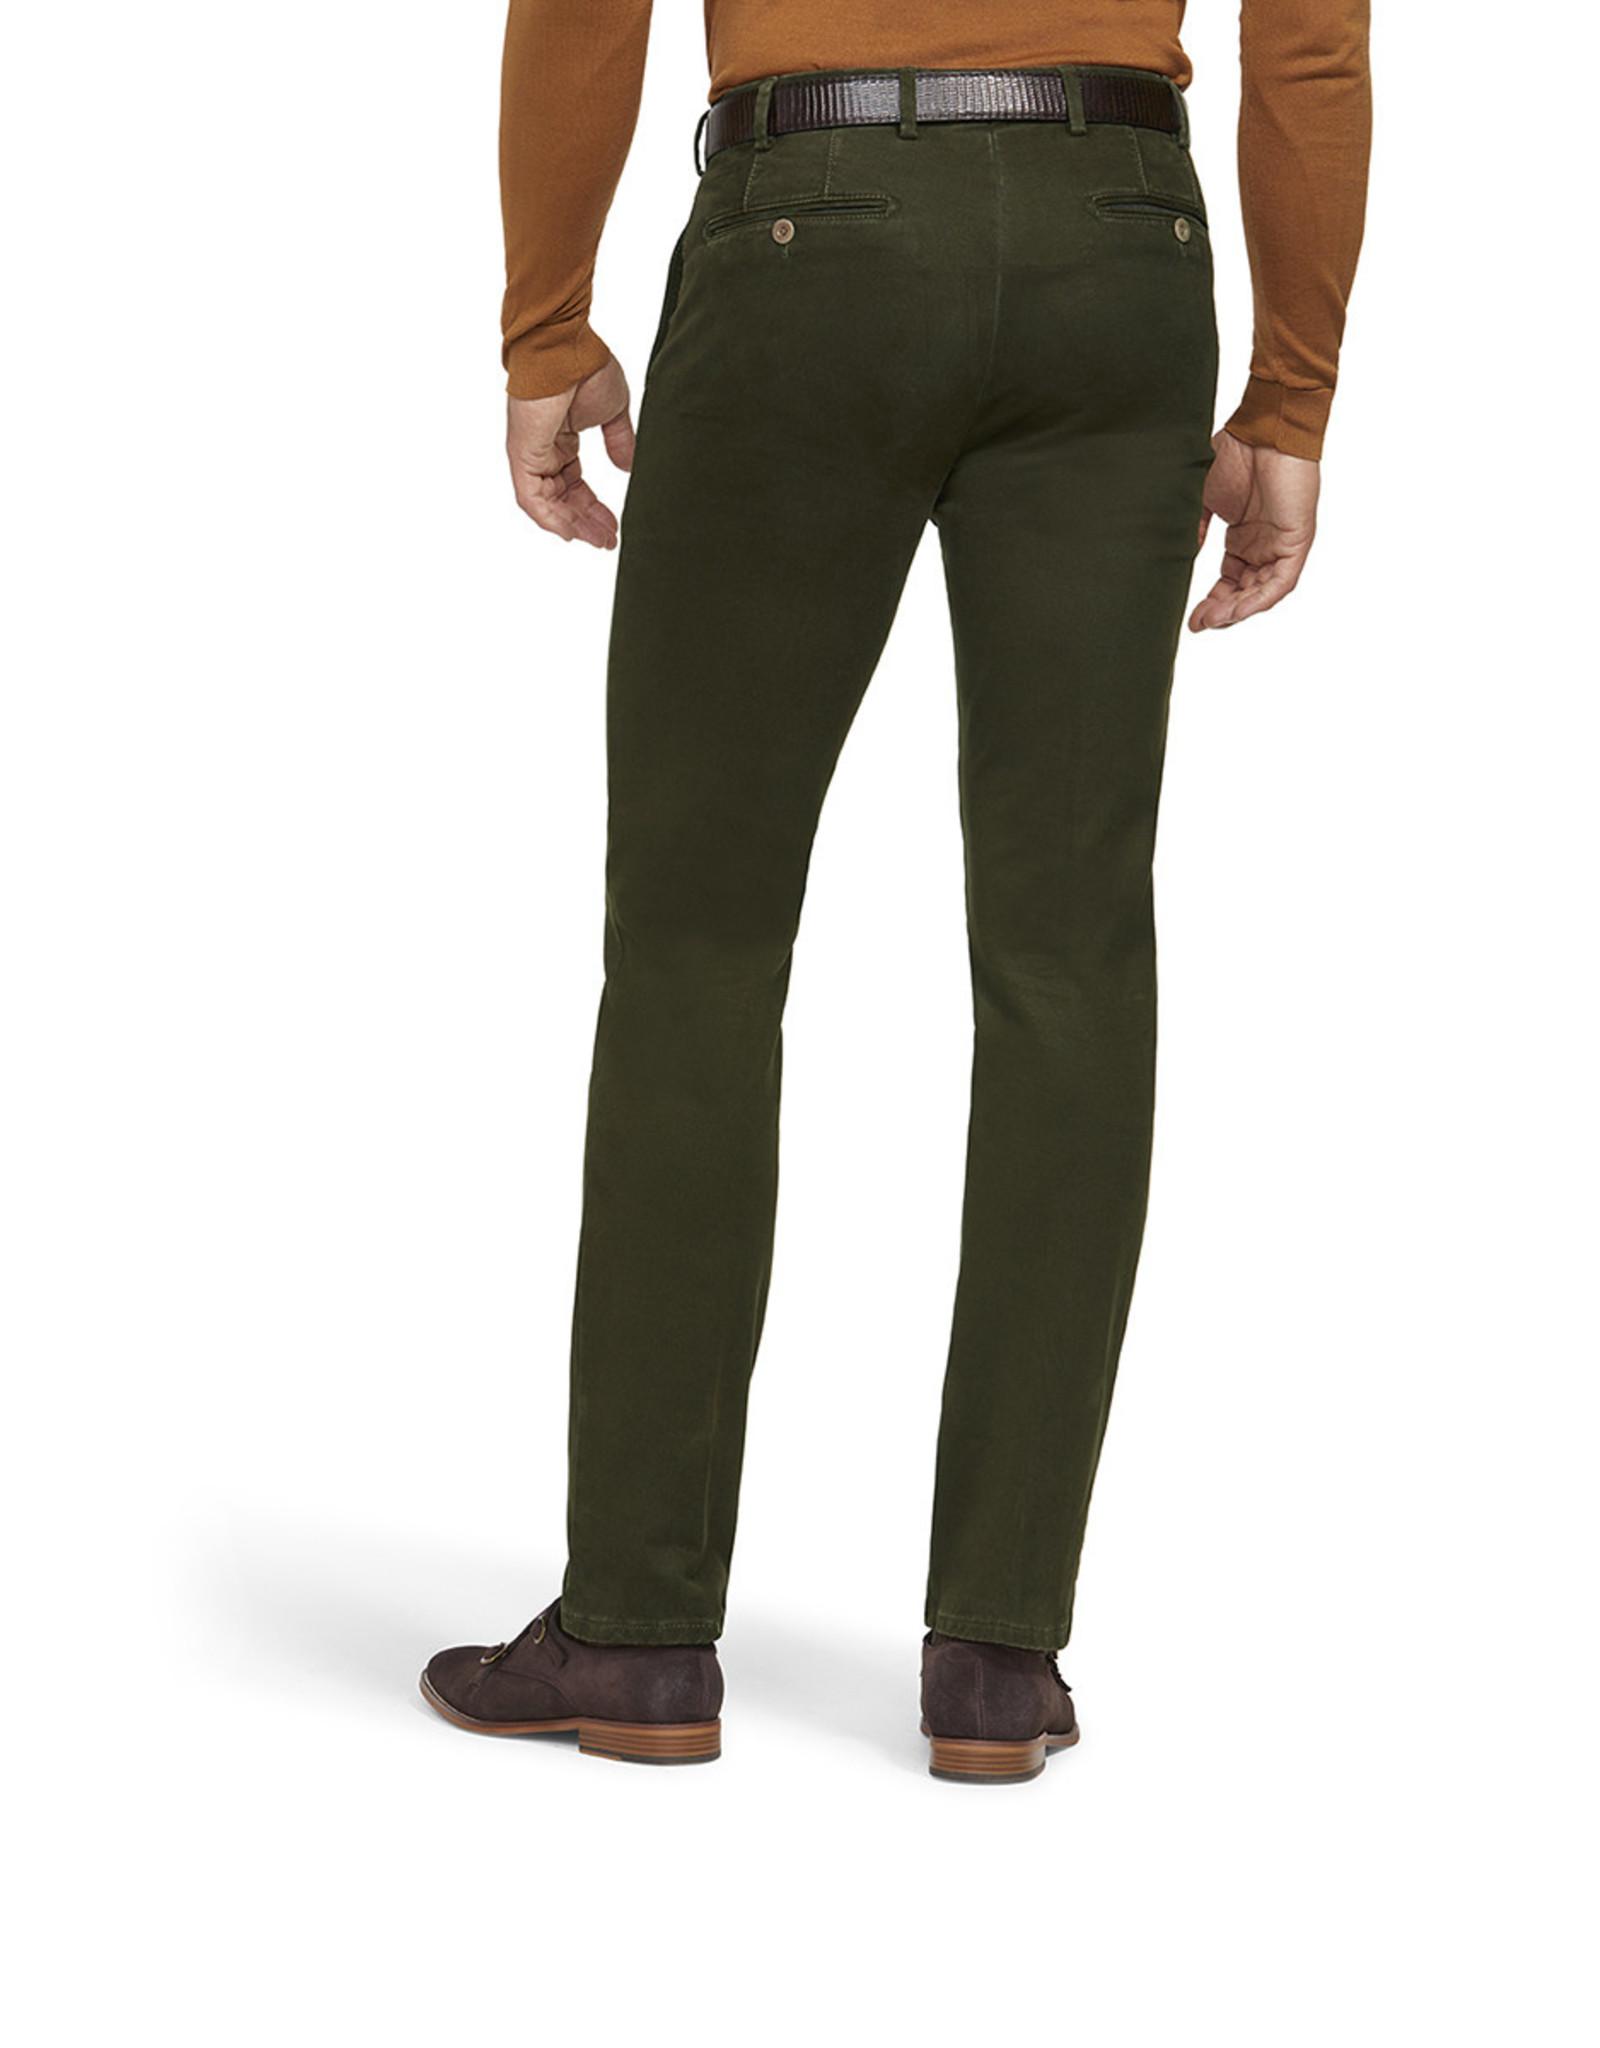 Meyer Exclusive Meyer Exclusive broek katoen groen Bonn 8556/24